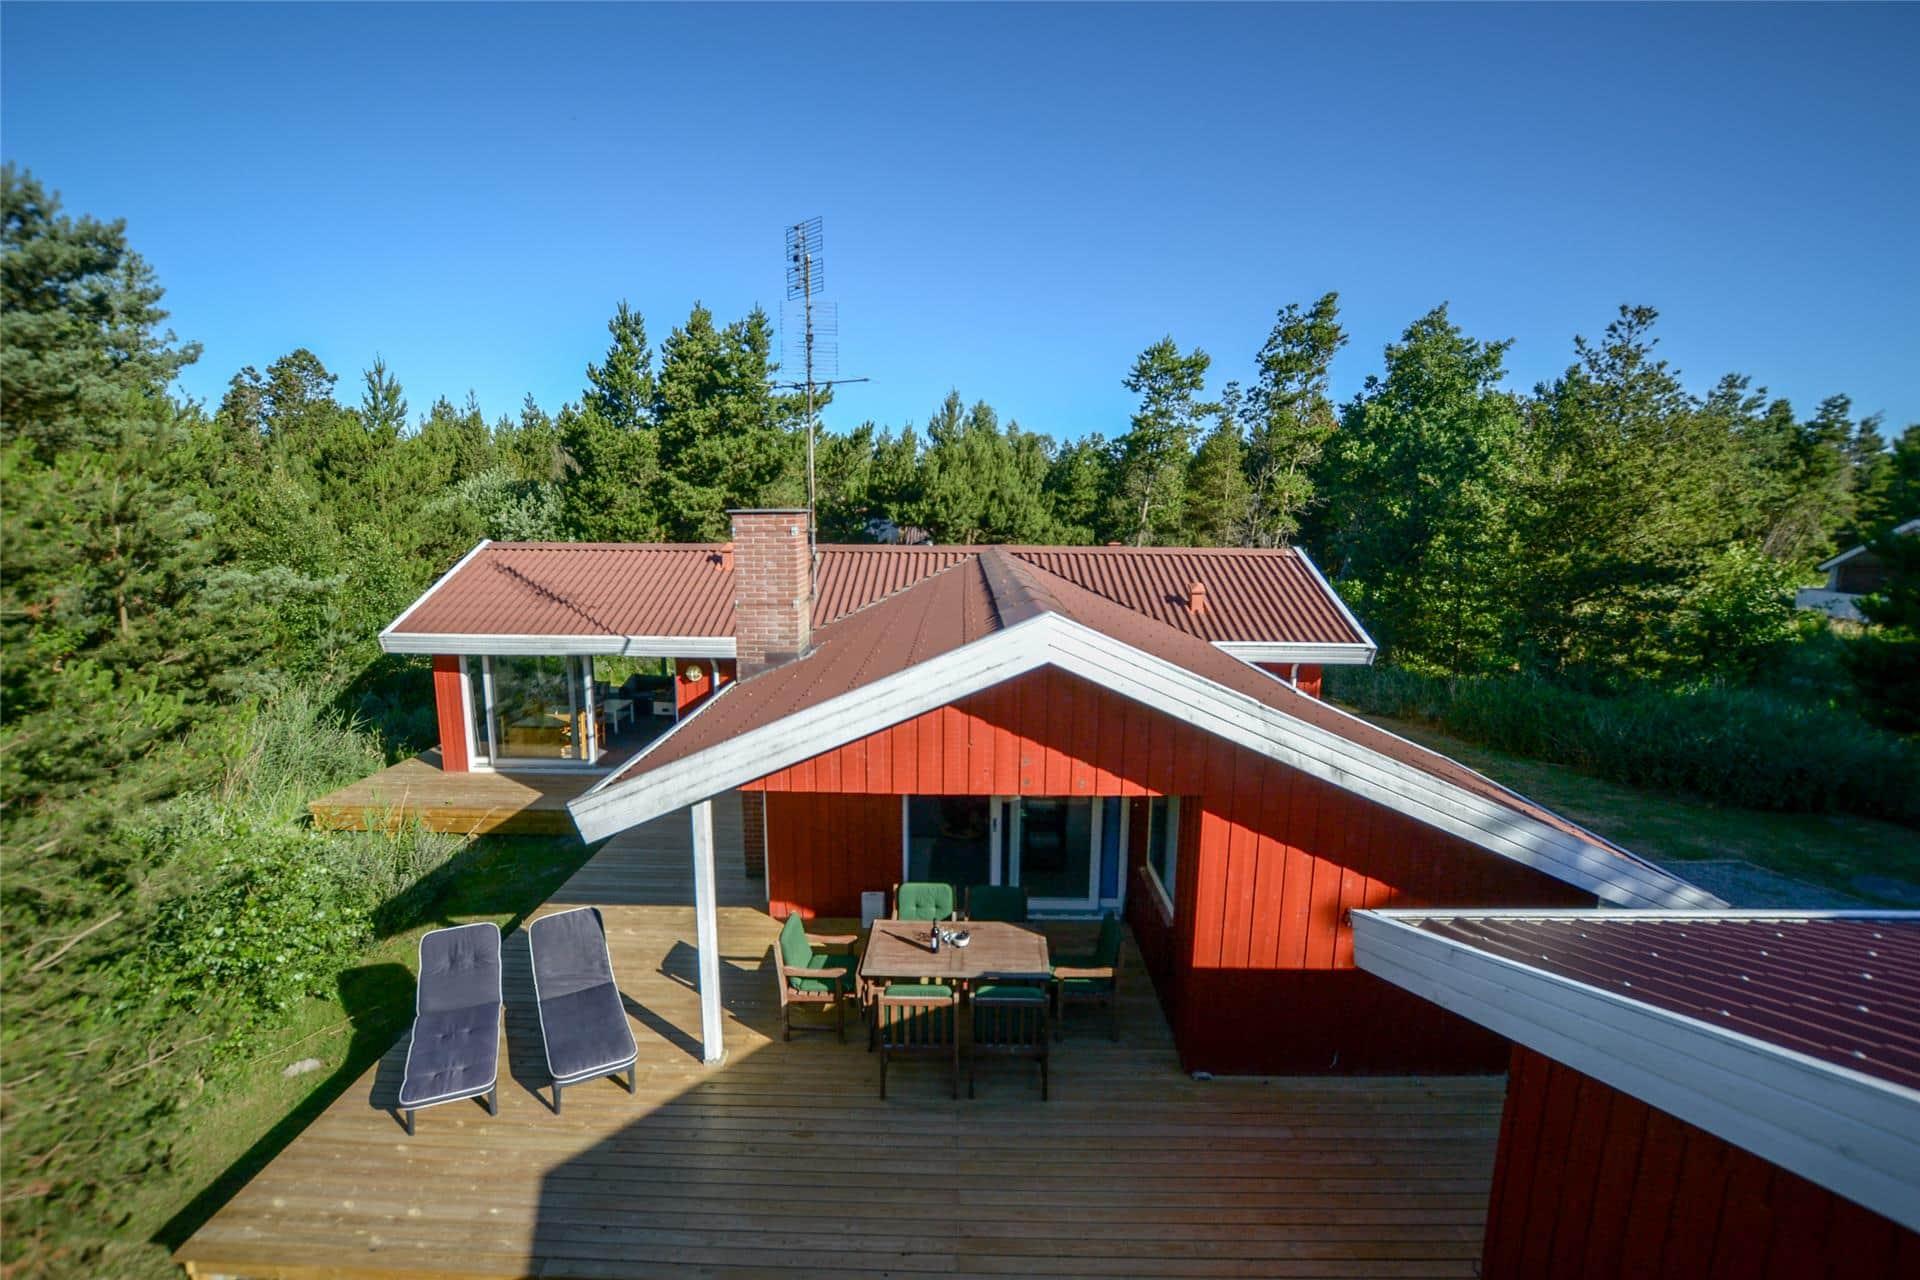 Billede 1-11 Sommerhus 0351, Regnspoven 8, DK - 6792 Rømø